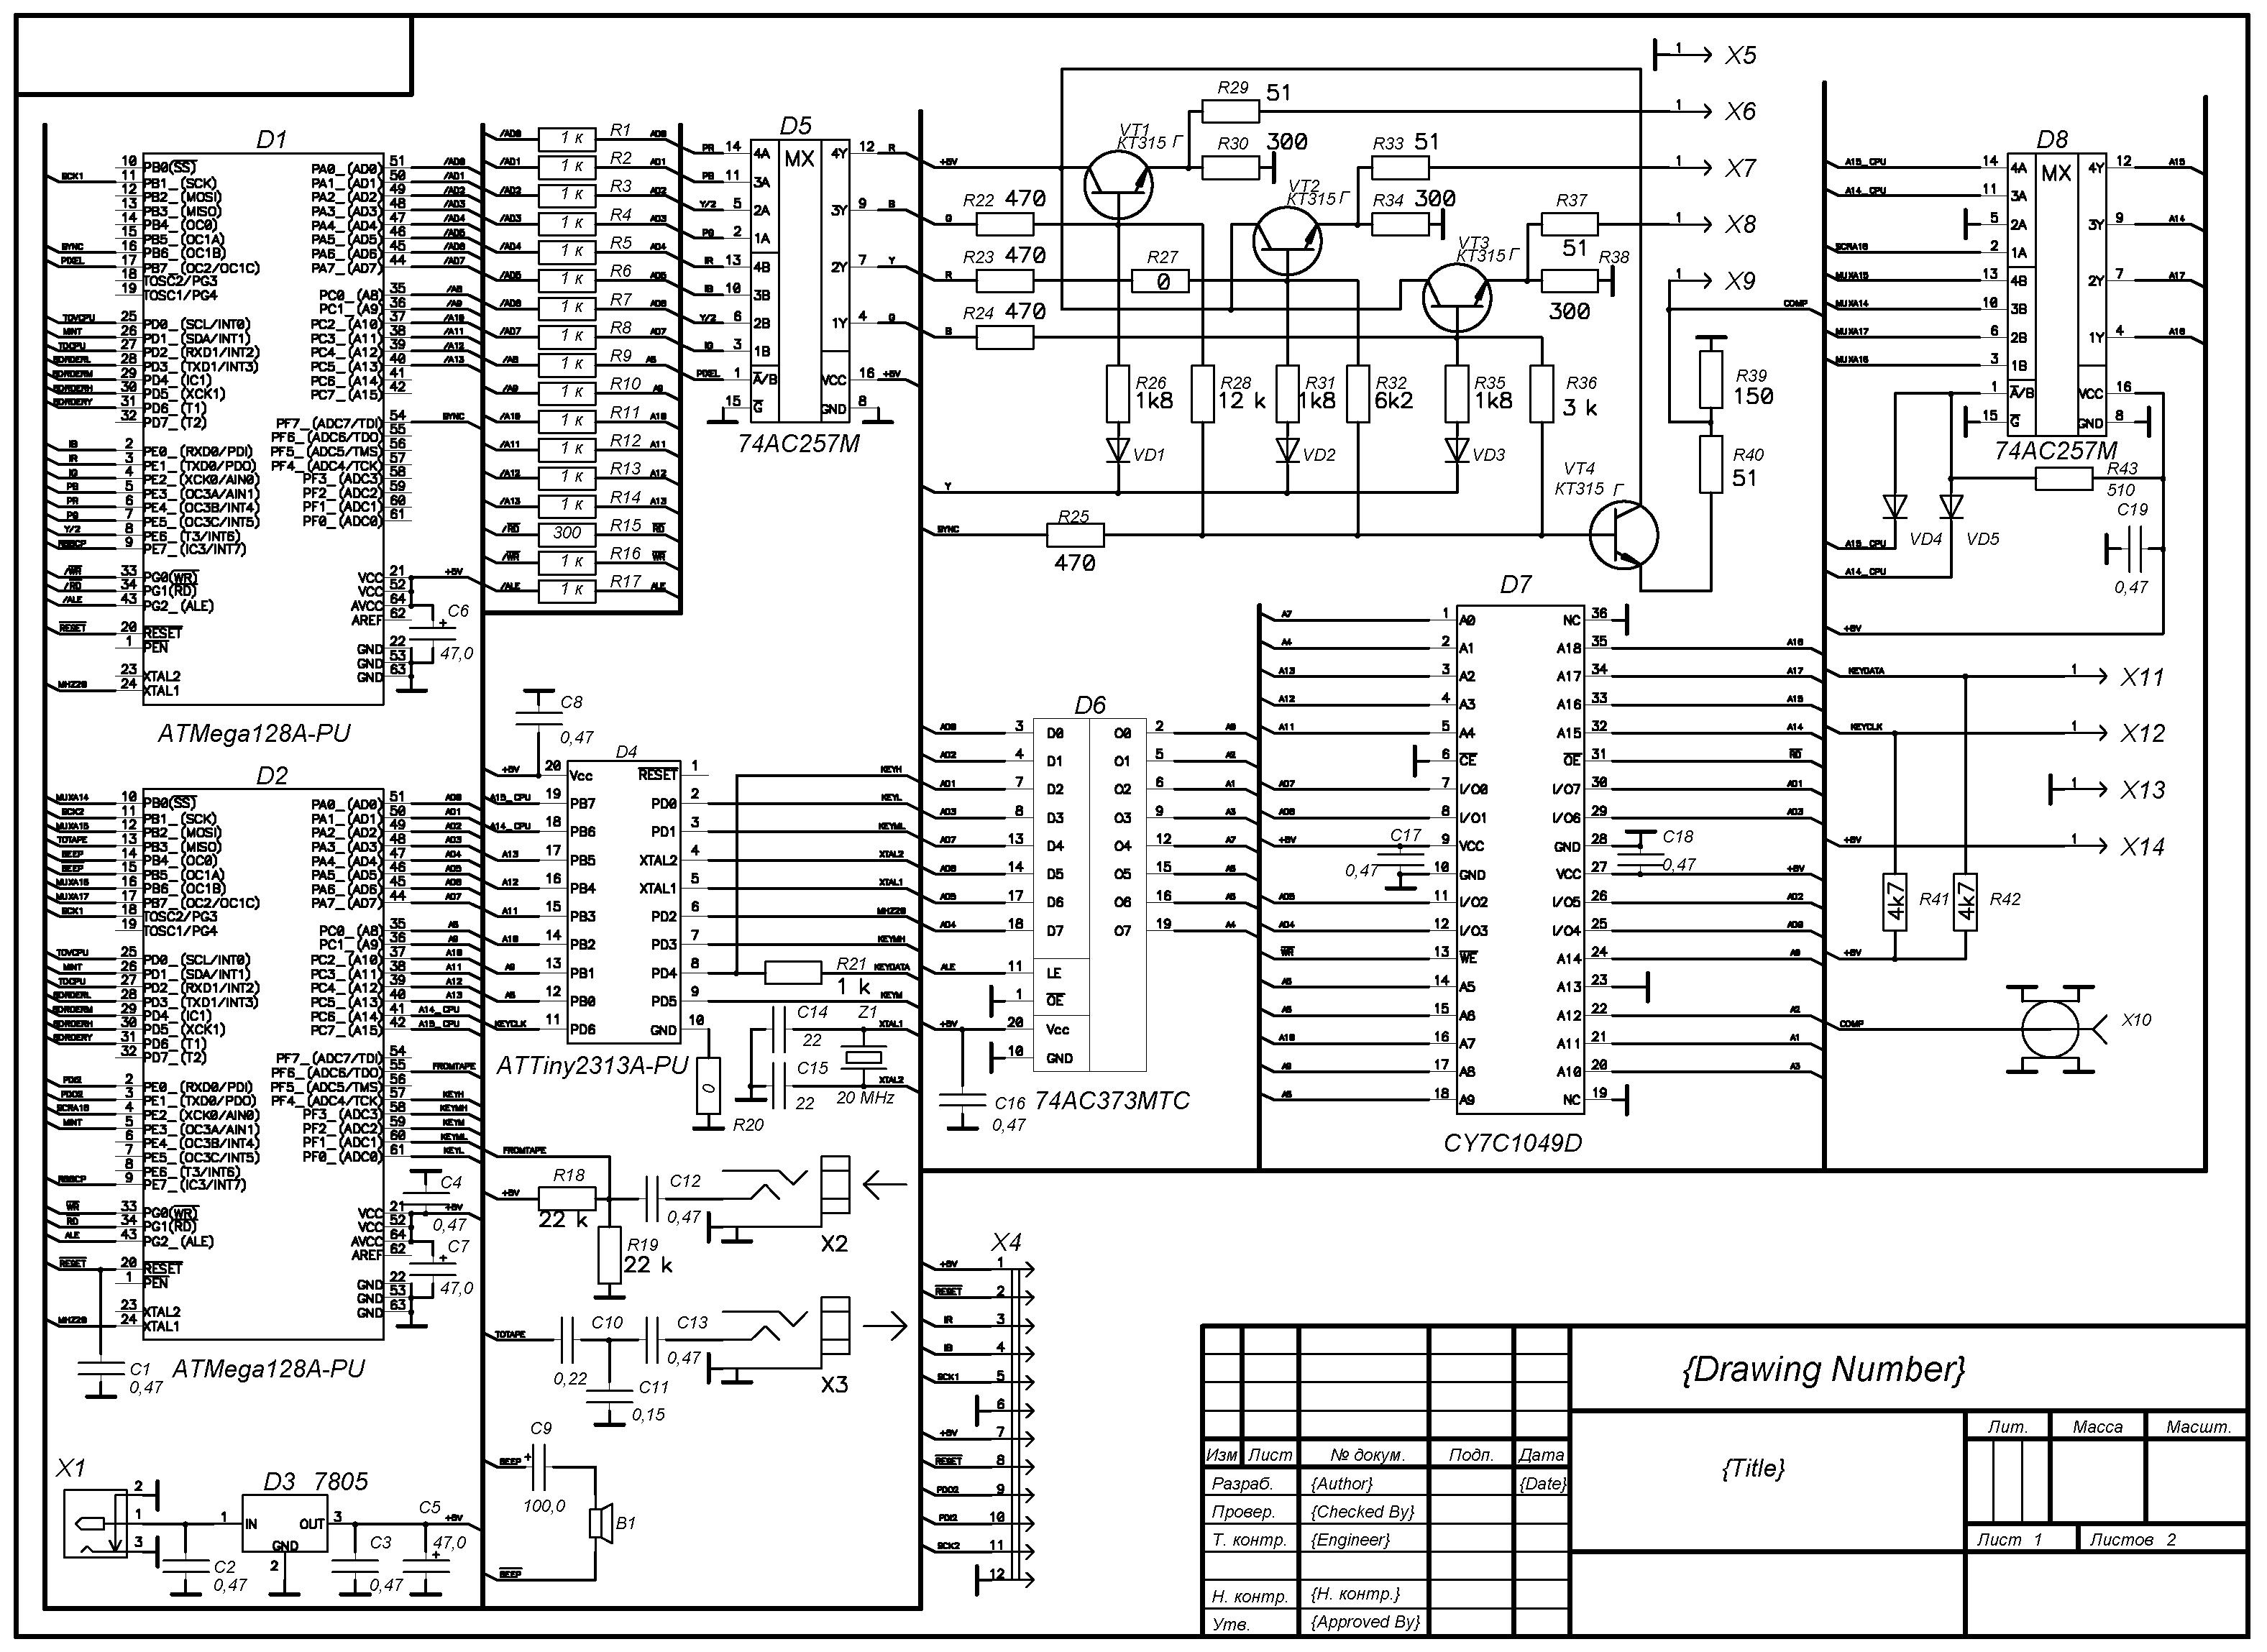 структурная схема компьютера тест